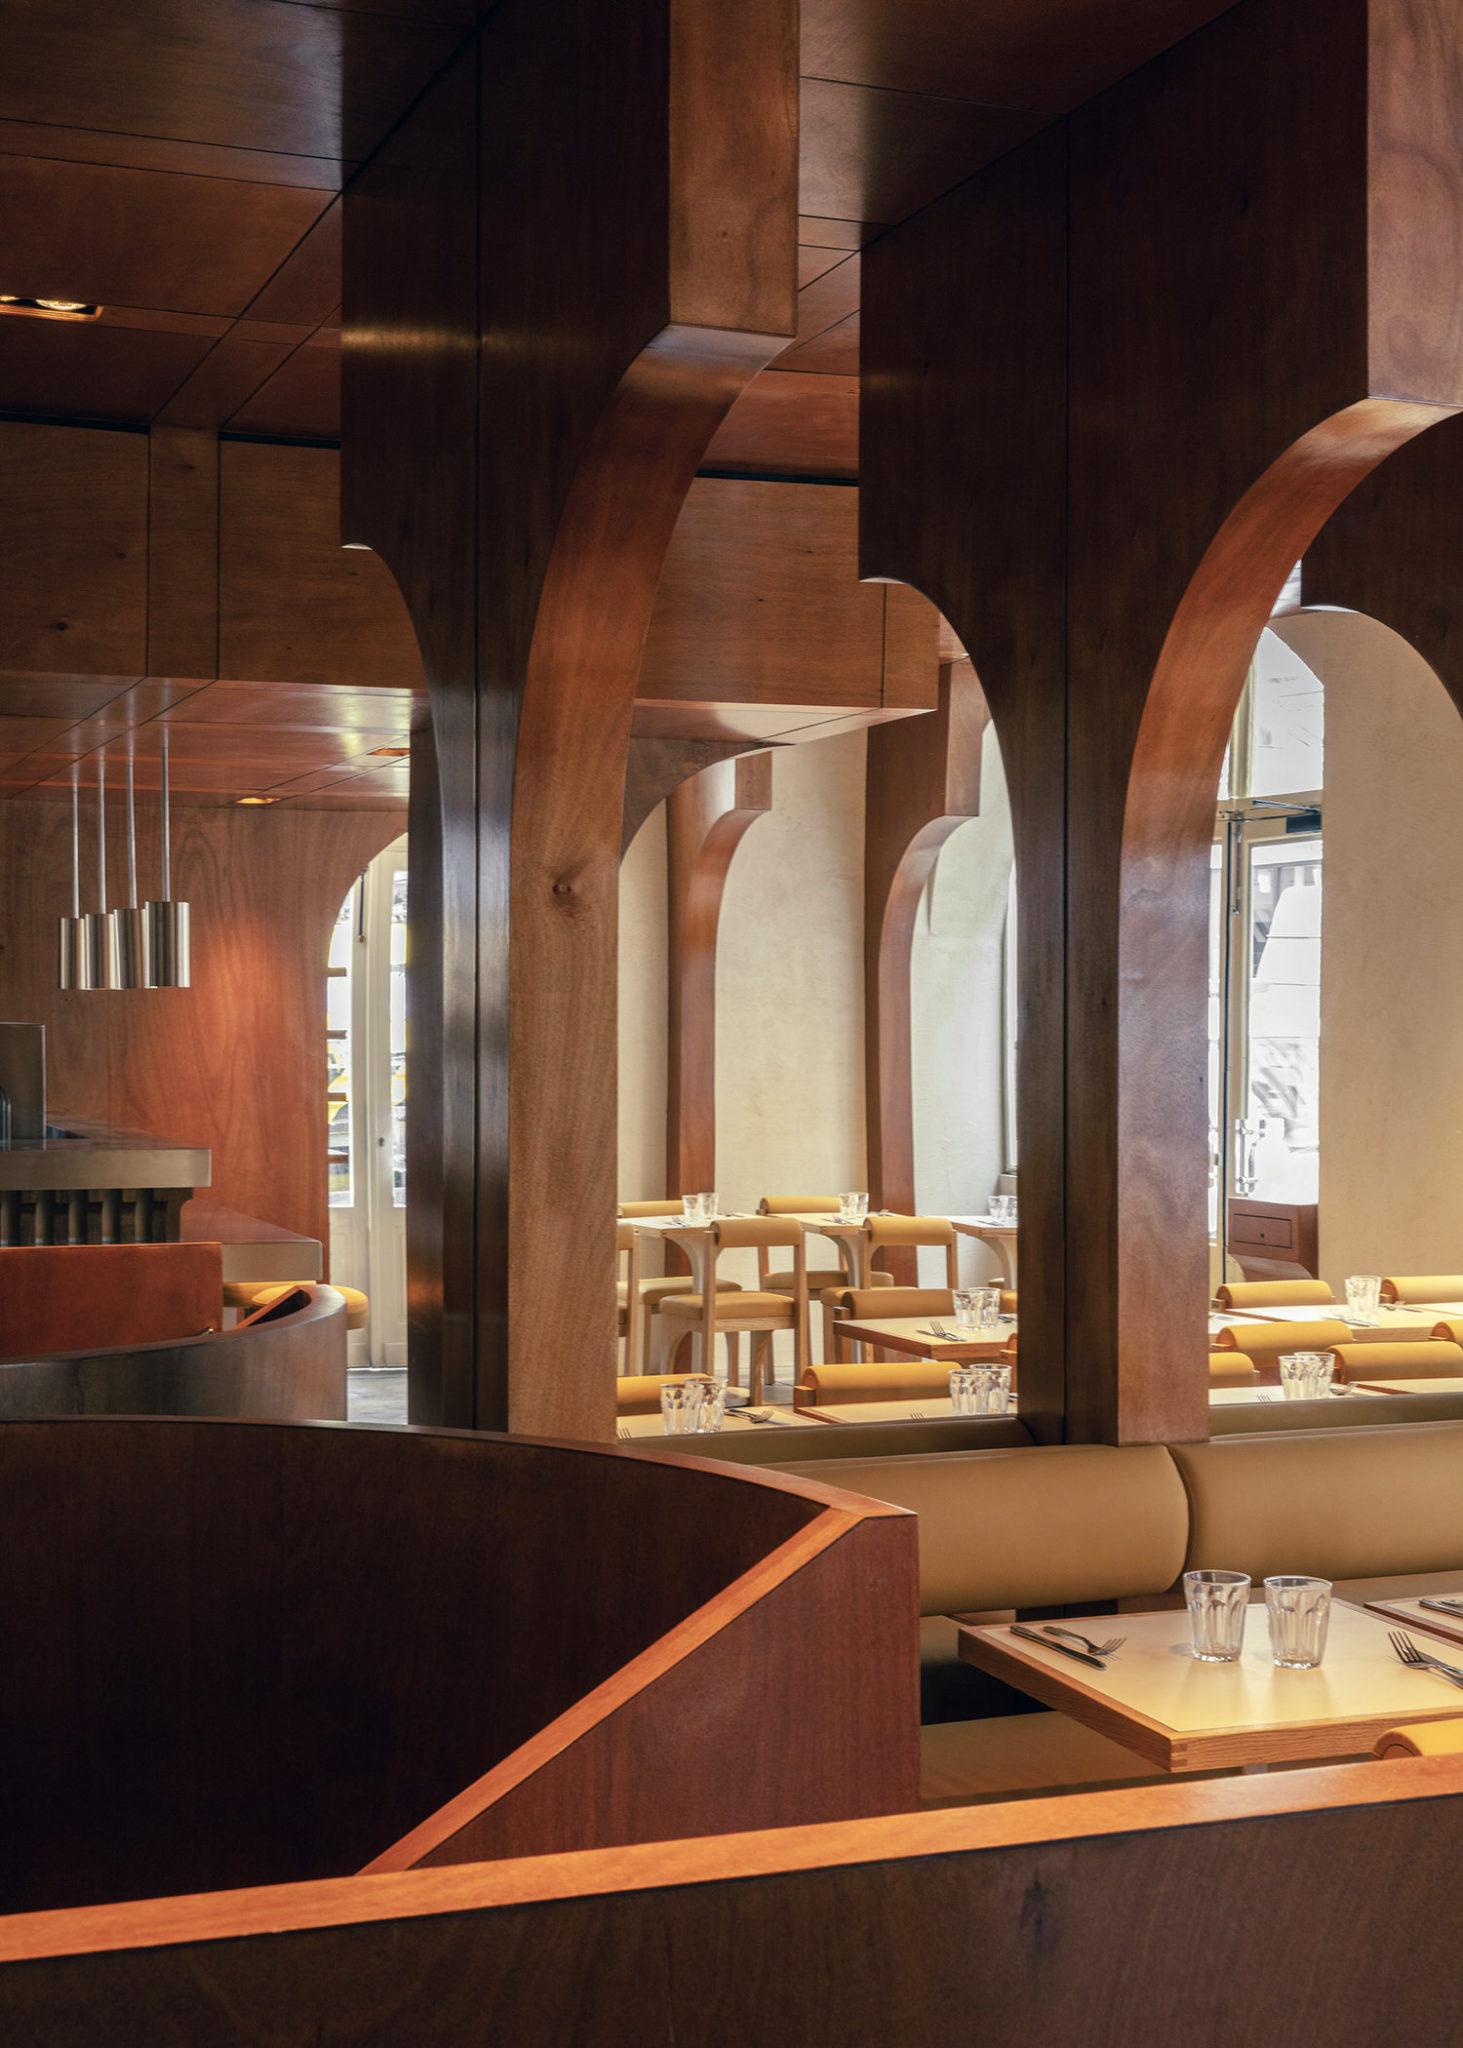 бургерная PNY в Париже фото